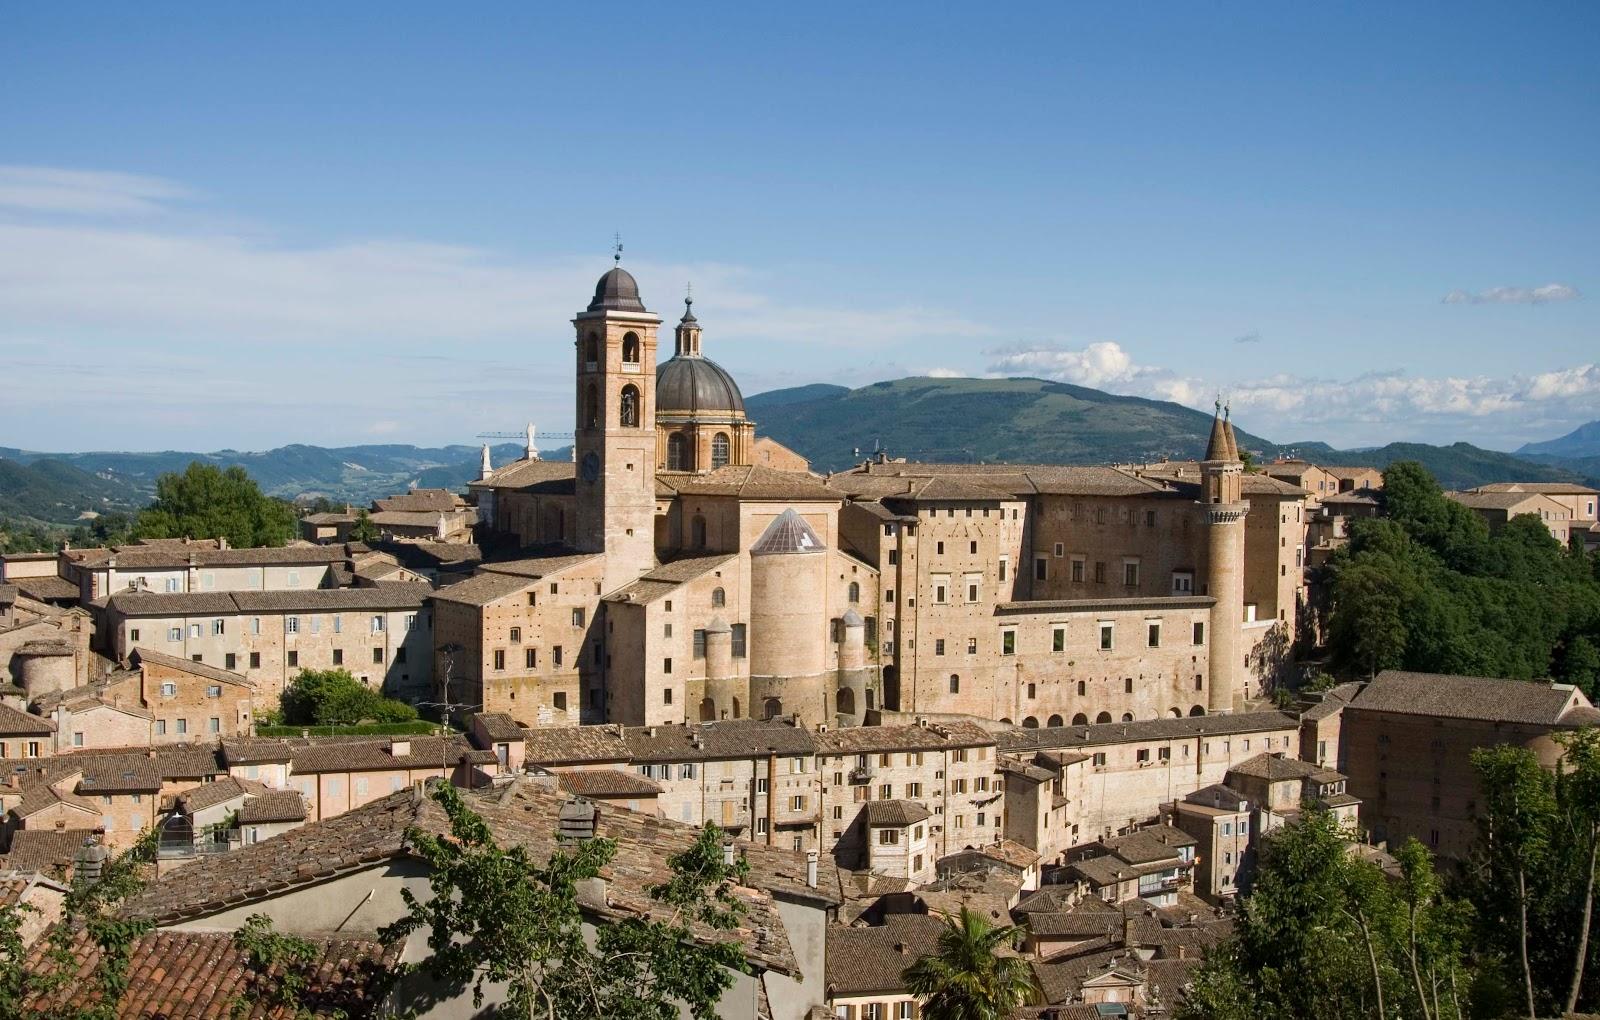 Italia By Danyell: Urbino, Italy